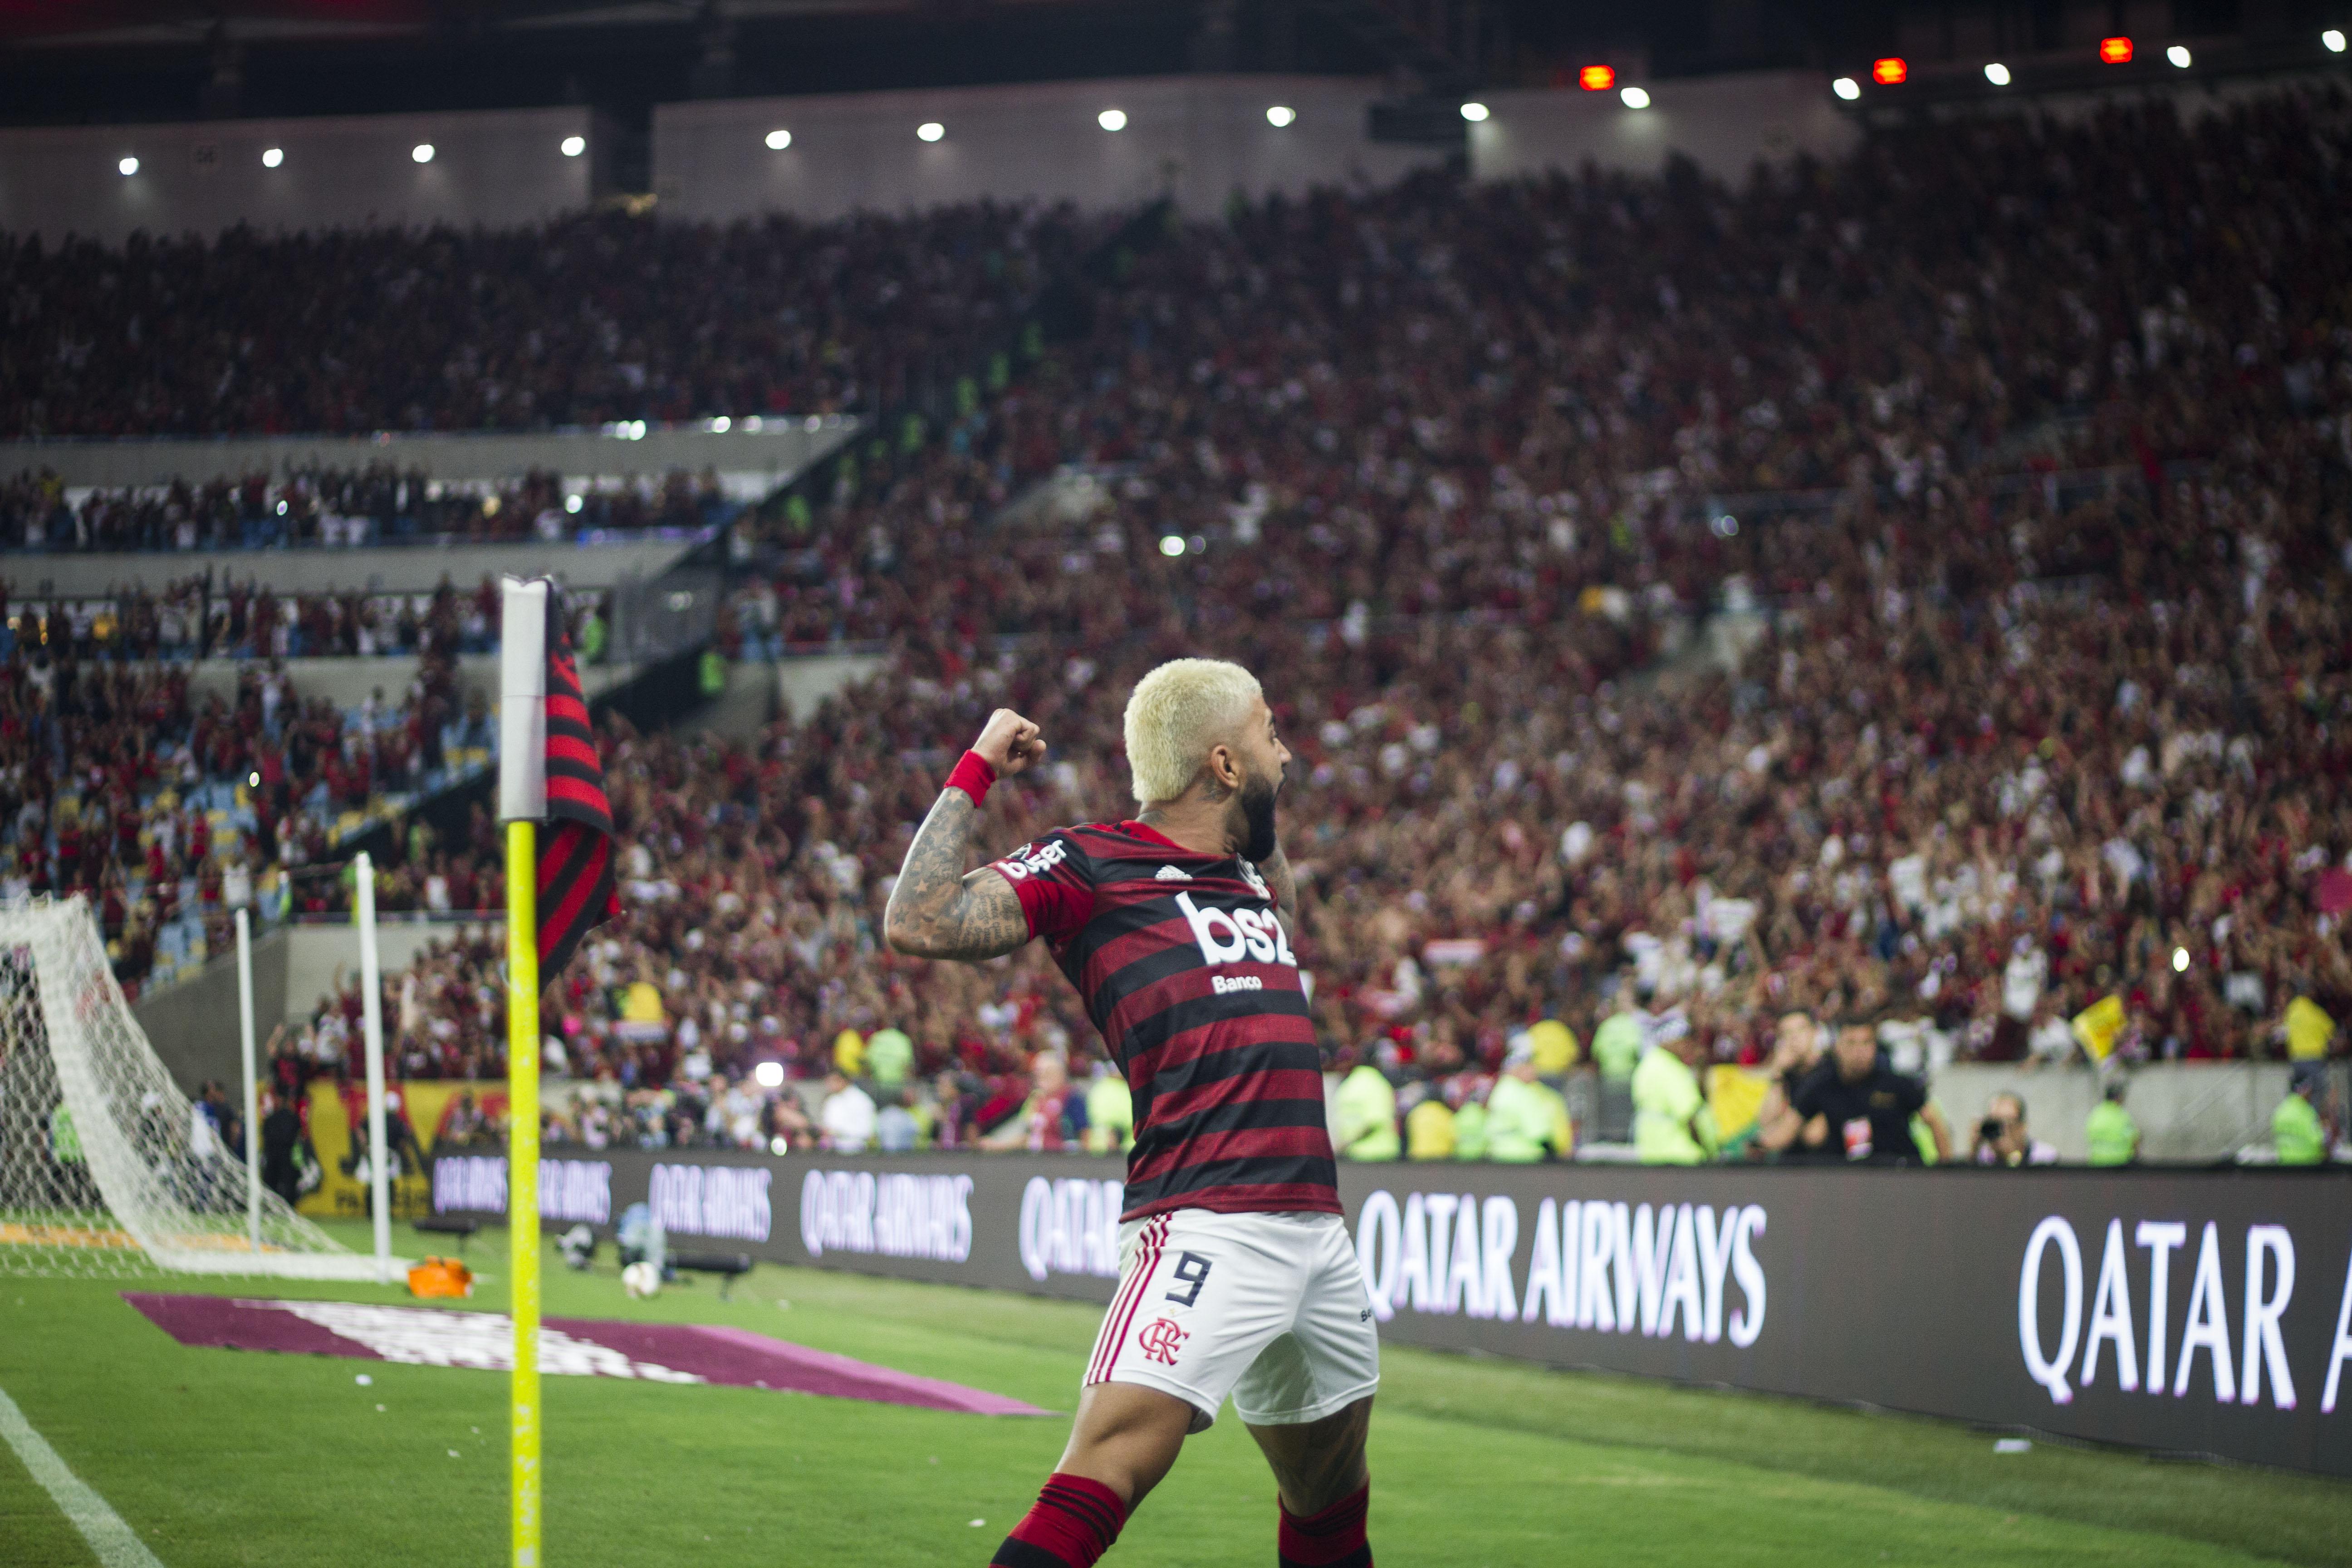 Como Assistir A Goias X Flamengo Pelo Campeonato Brasileiro Veja